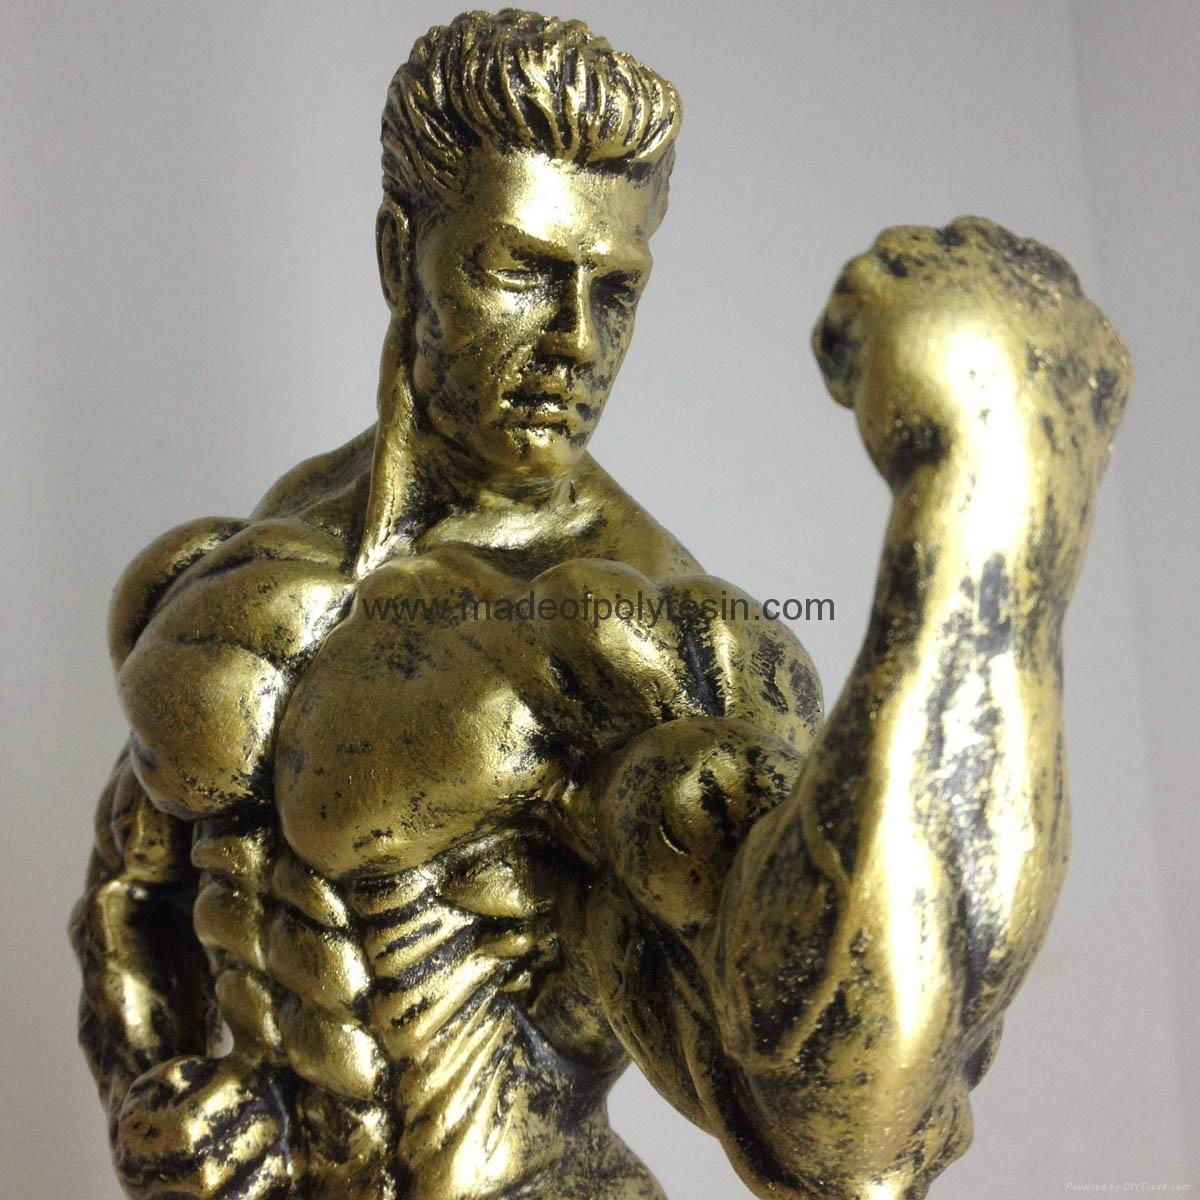 Resin Bodybuilder statue crafts 1